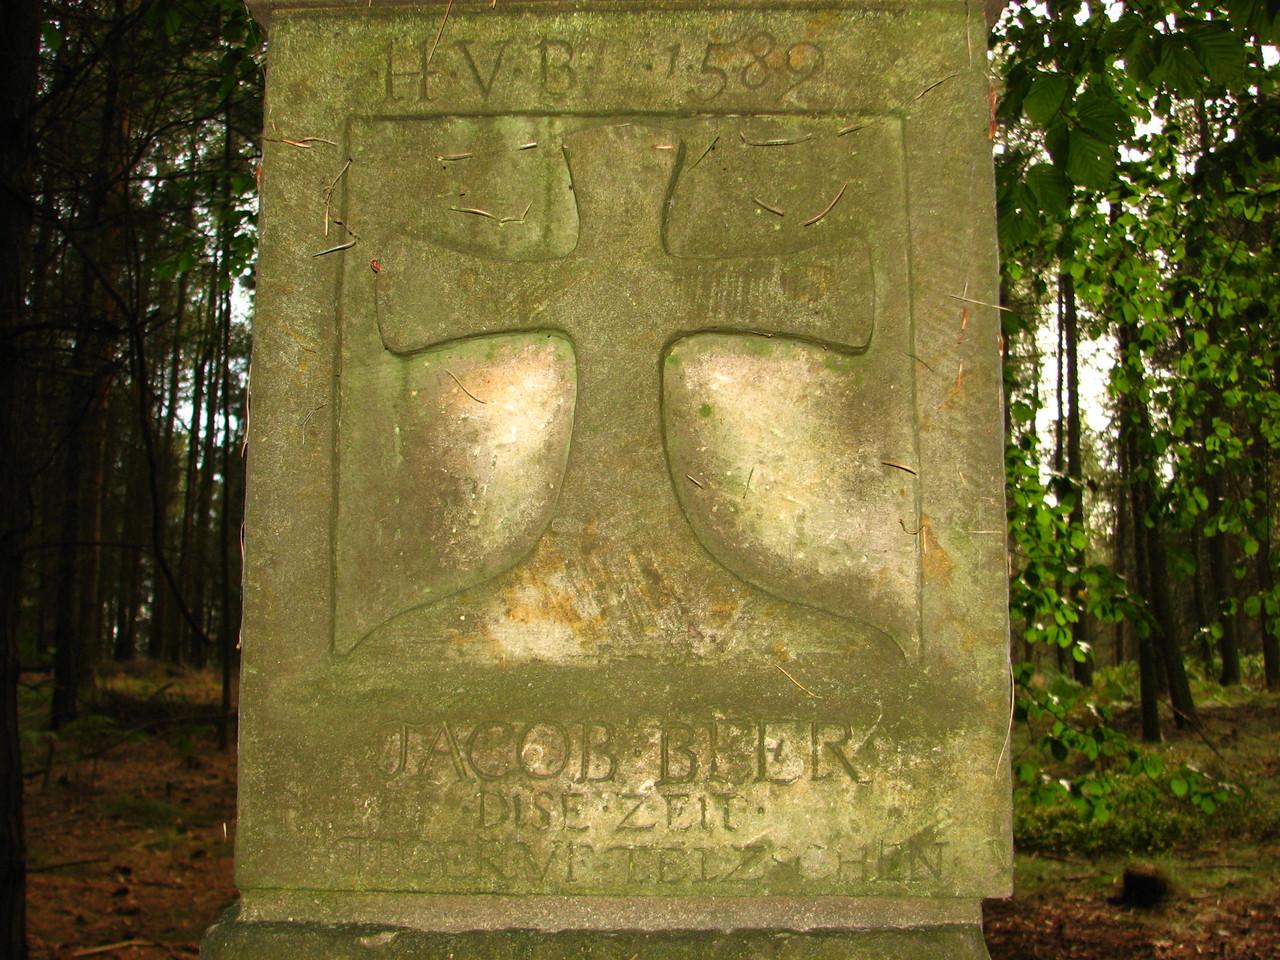 Grabstein oder Erinnerung